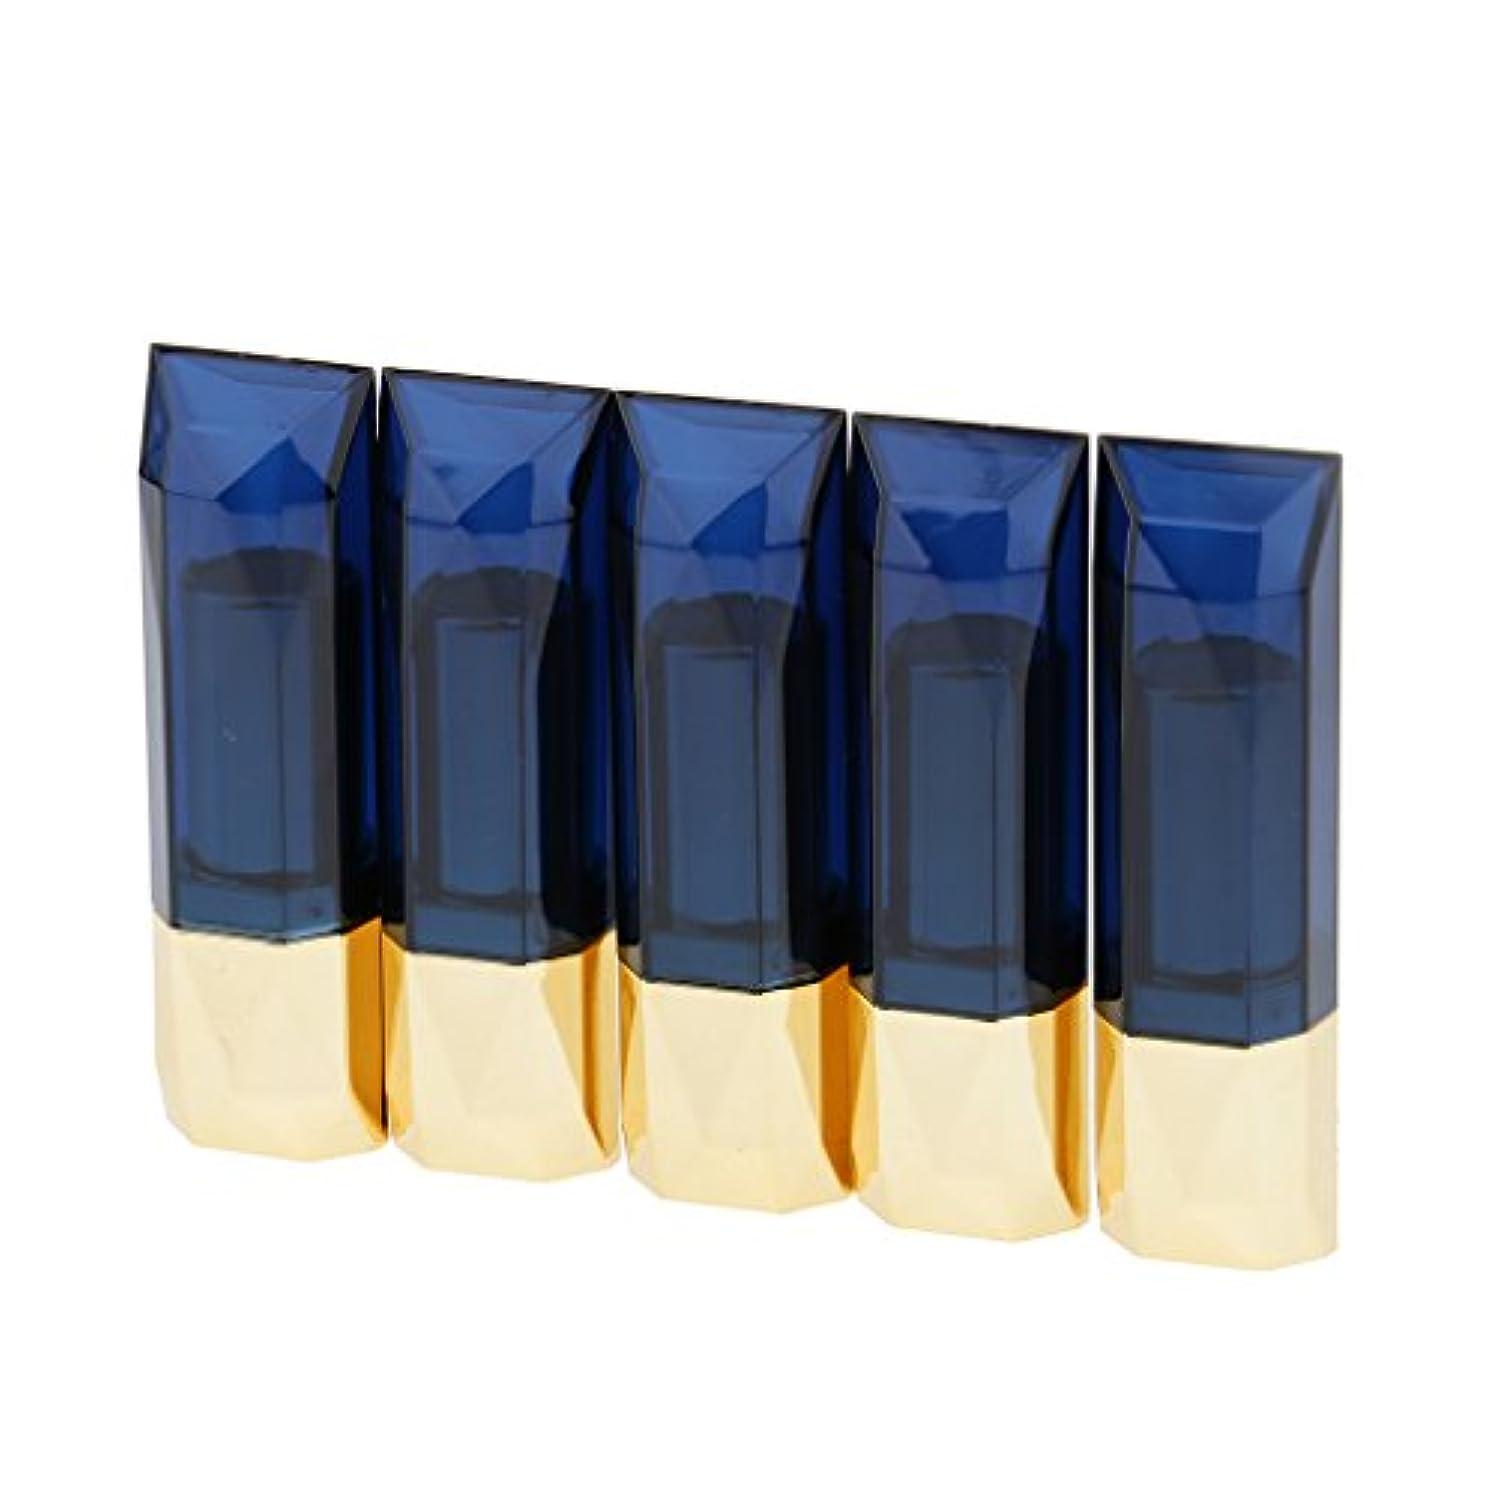 早くピンチ即席Kesoto 5本入り 空のリップバームチューブ 12ml リップスティック コンテナ DIY リップバーム チューブ リップグロス ボトル 3タイプ選べ - 青